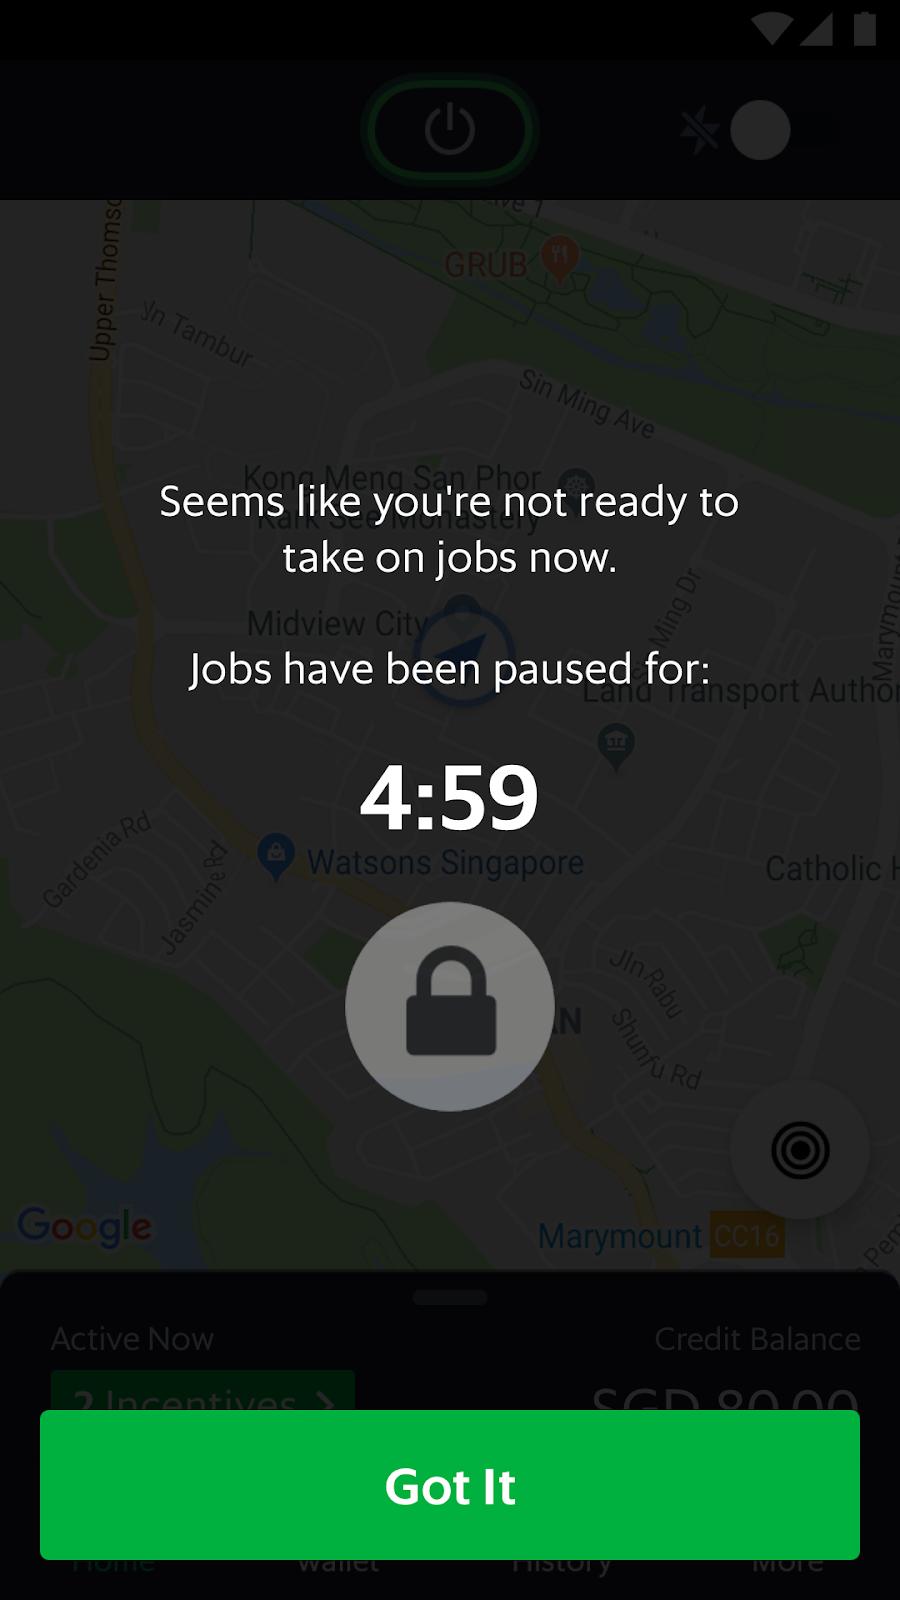 Mengapa orderan saya dihentikan sementara - Driver